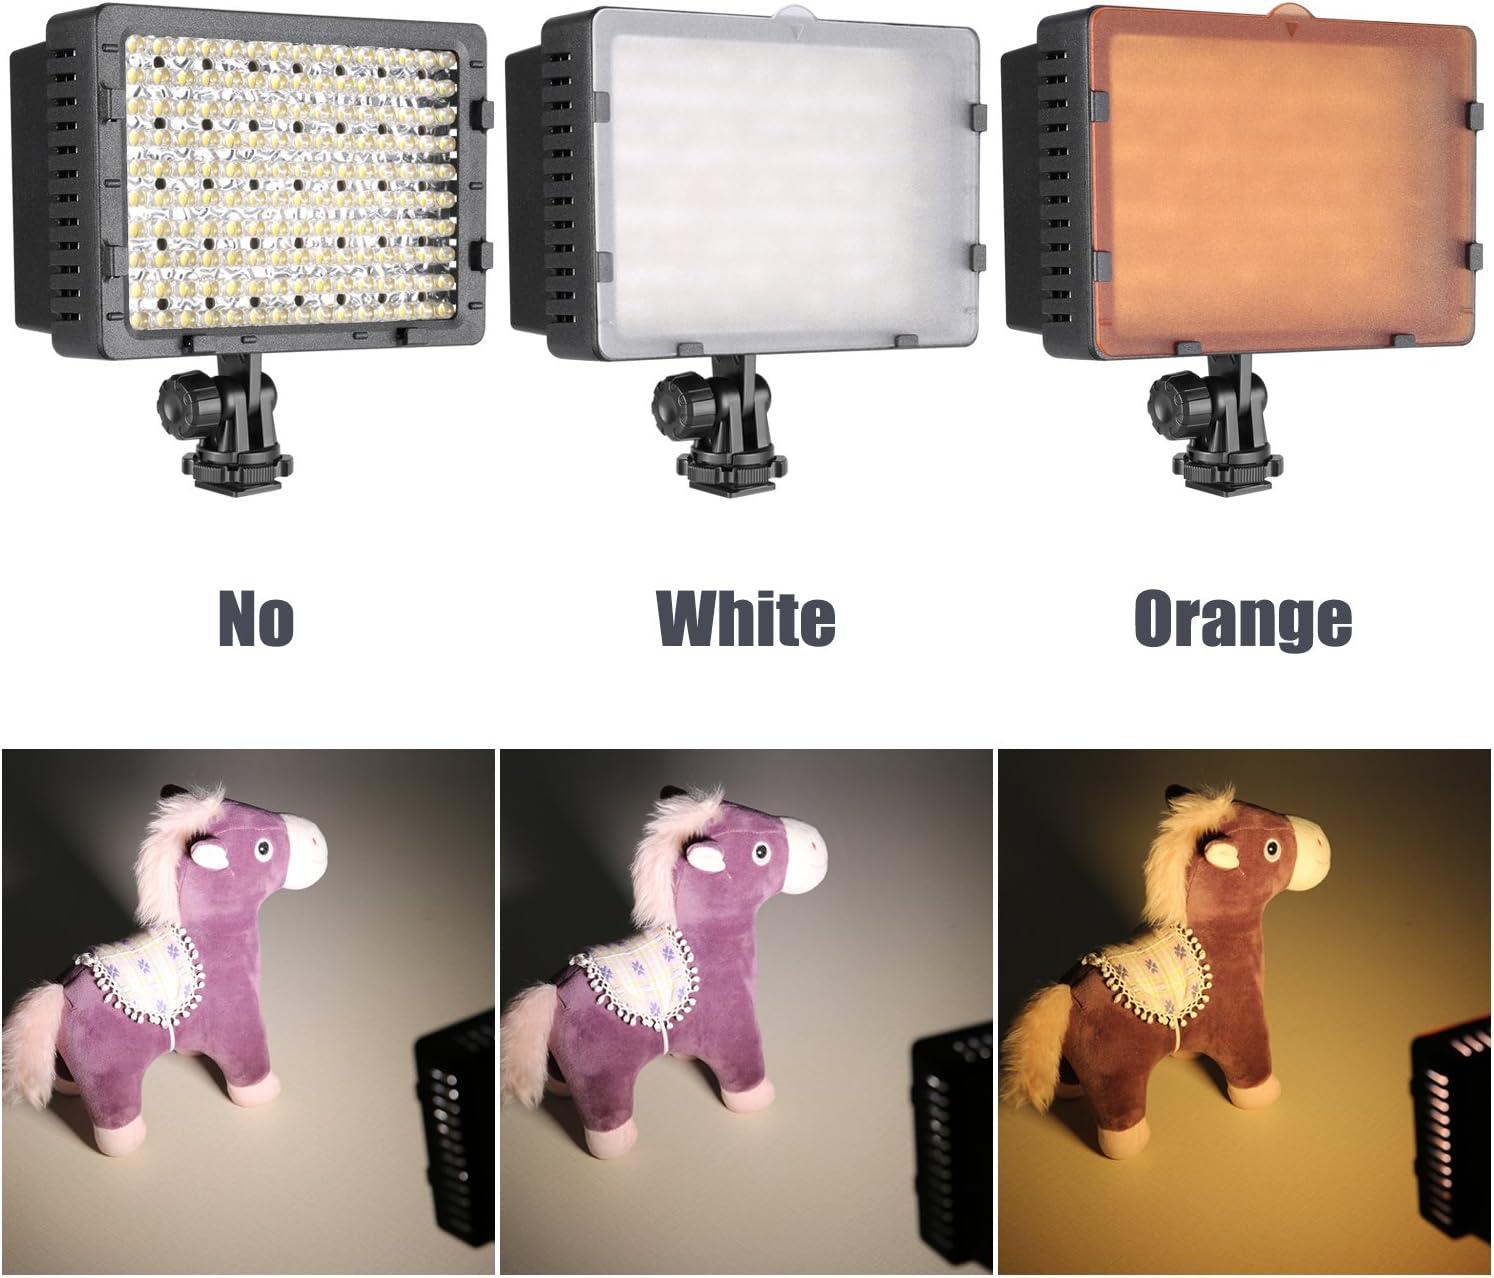 Lumi/ère 160 R/églable /& Filtres de 6Paquets Batterie Chargeur USB /& Etui de Transport pour Cam/éra DSLR Num/érique Cam/éscopes Neewer CN160 Kit dEclairage Vid/éo LED Rouge//Bleu//Rose//Violet//Orange//Blanc